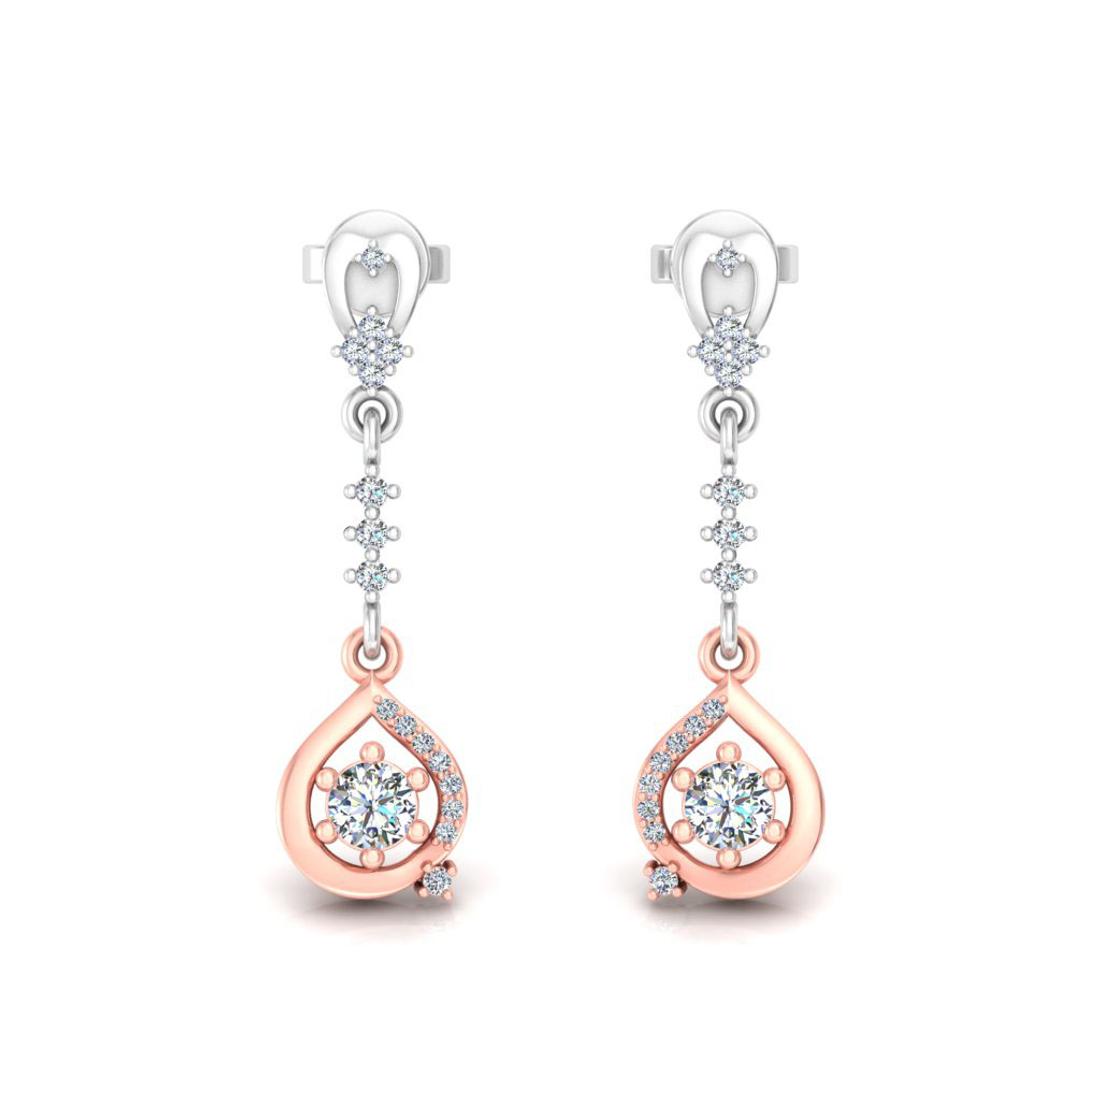 Spinner hanging earrings